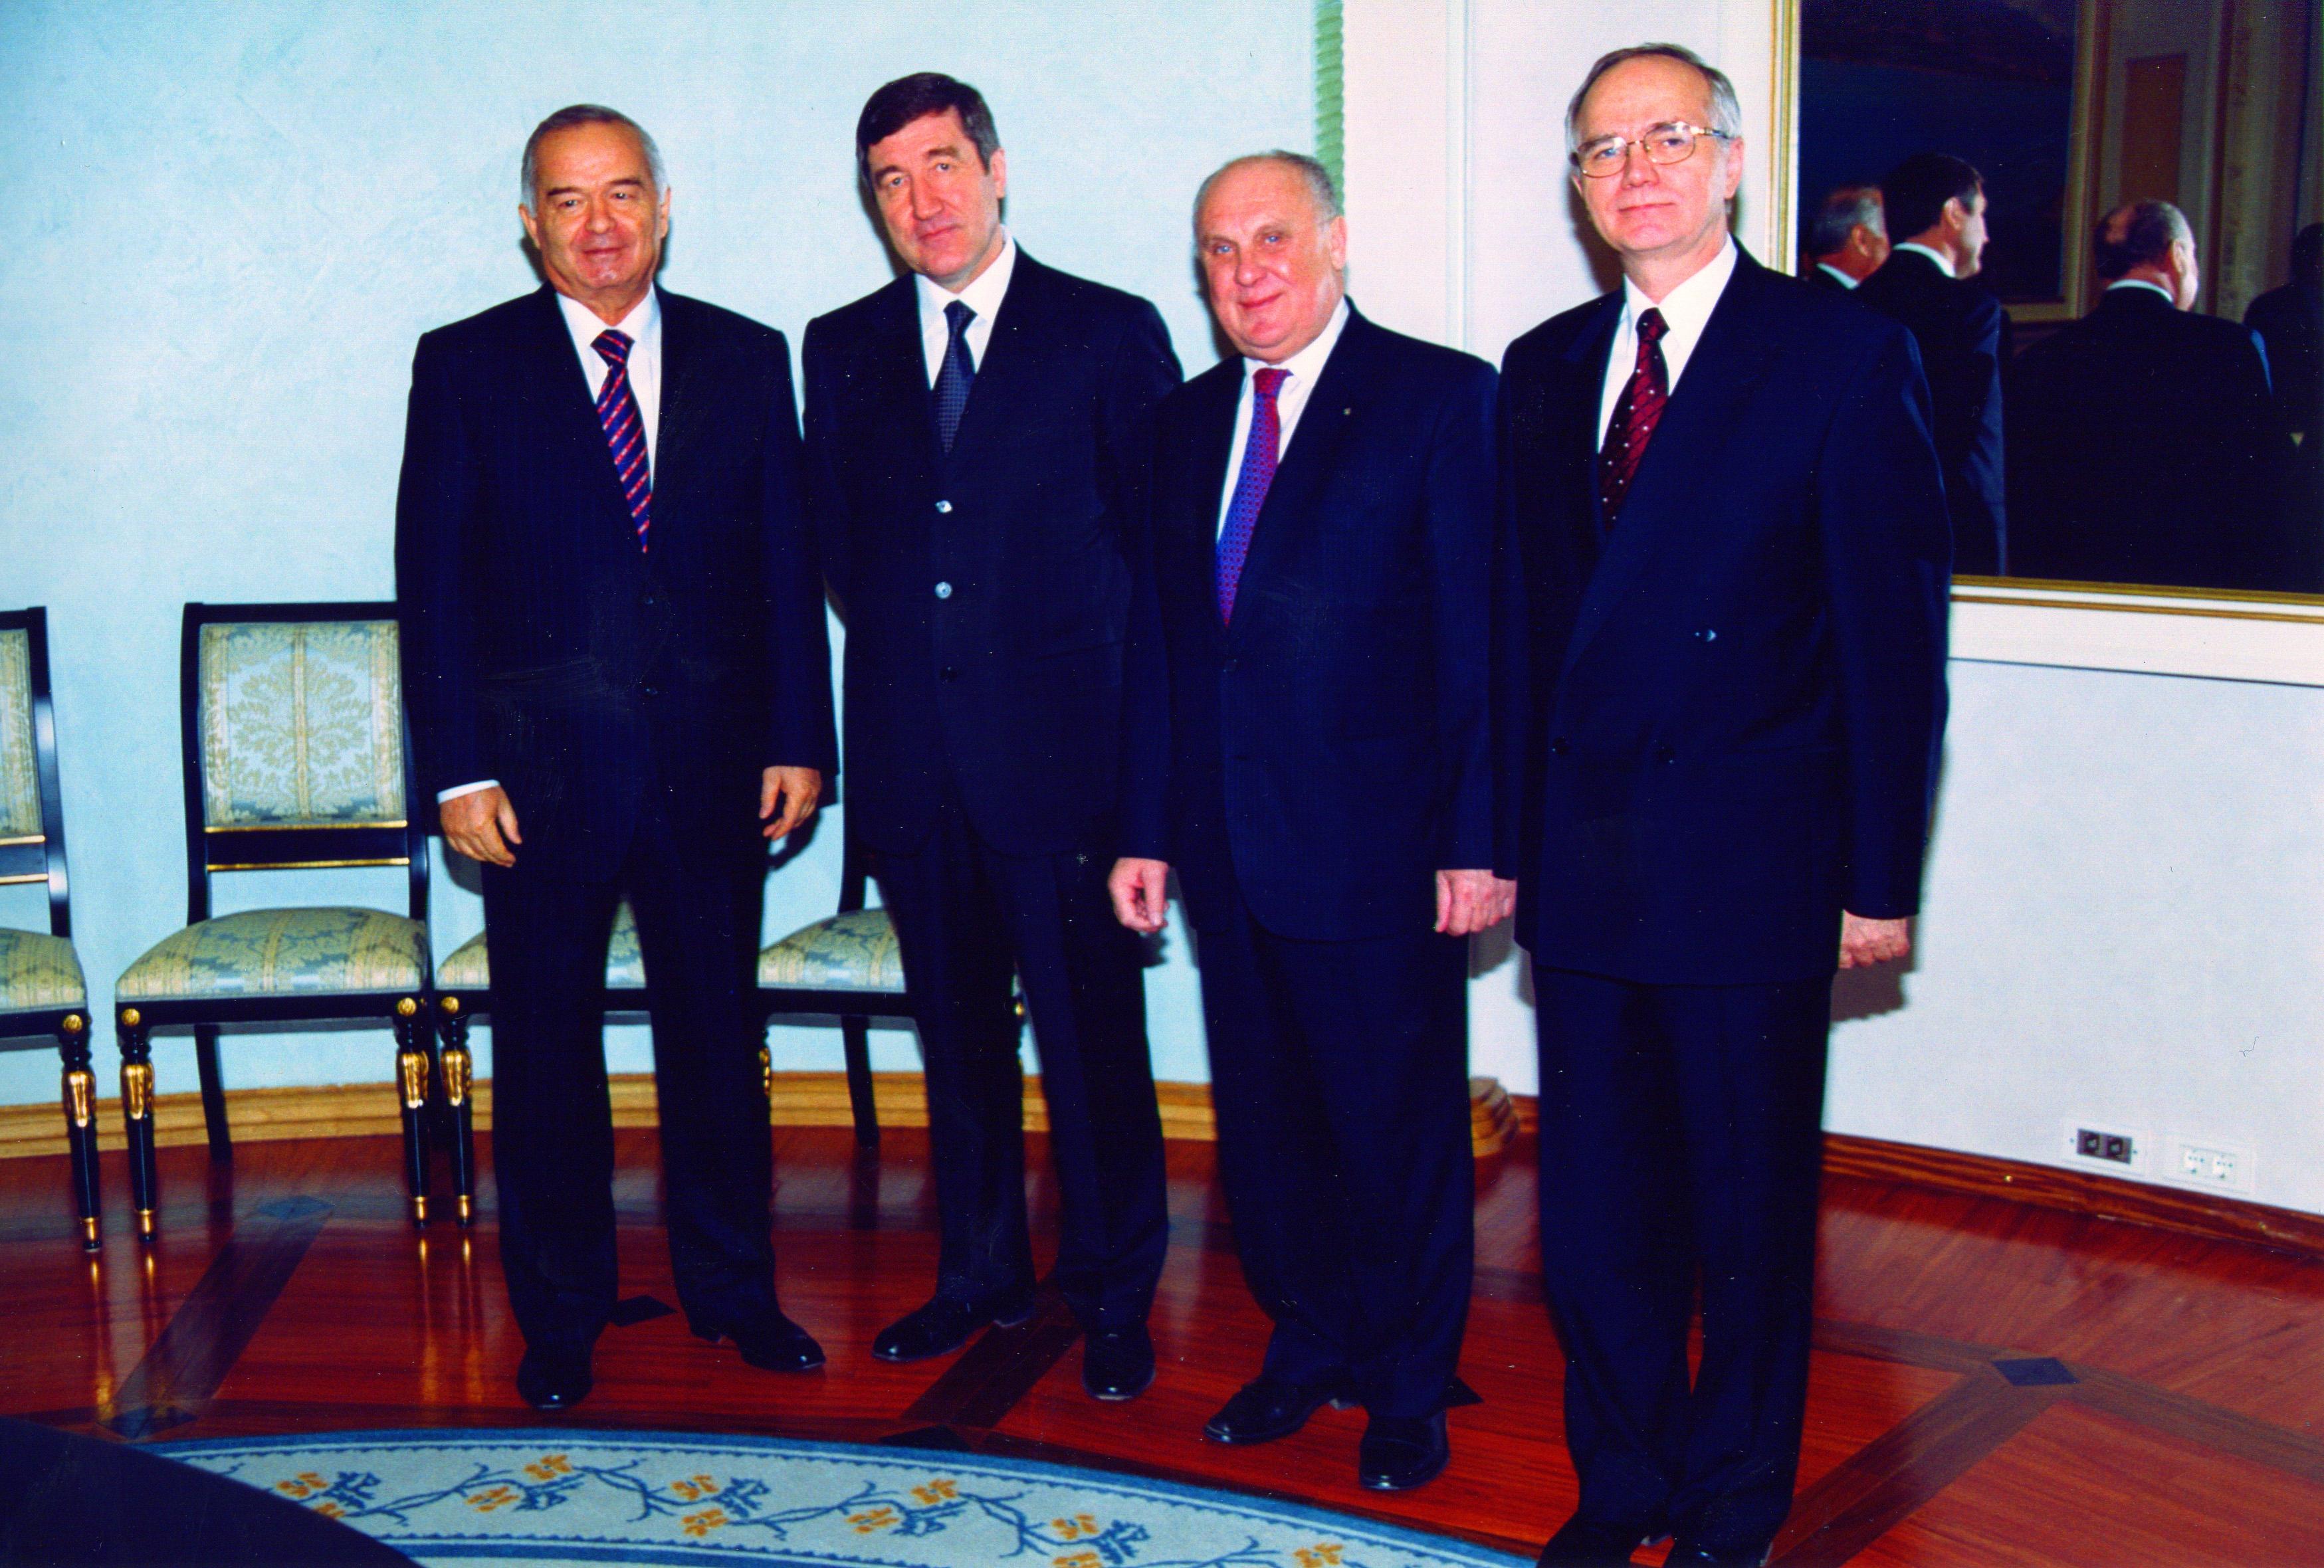 На приеме у президента Узбекистана И.А. Каримова с президентом НП «Горнопромышленники России» Ю.Н Малышевым и послом РФ в Узбекистане Ф.М. Мухаметшиным; 2008 г.